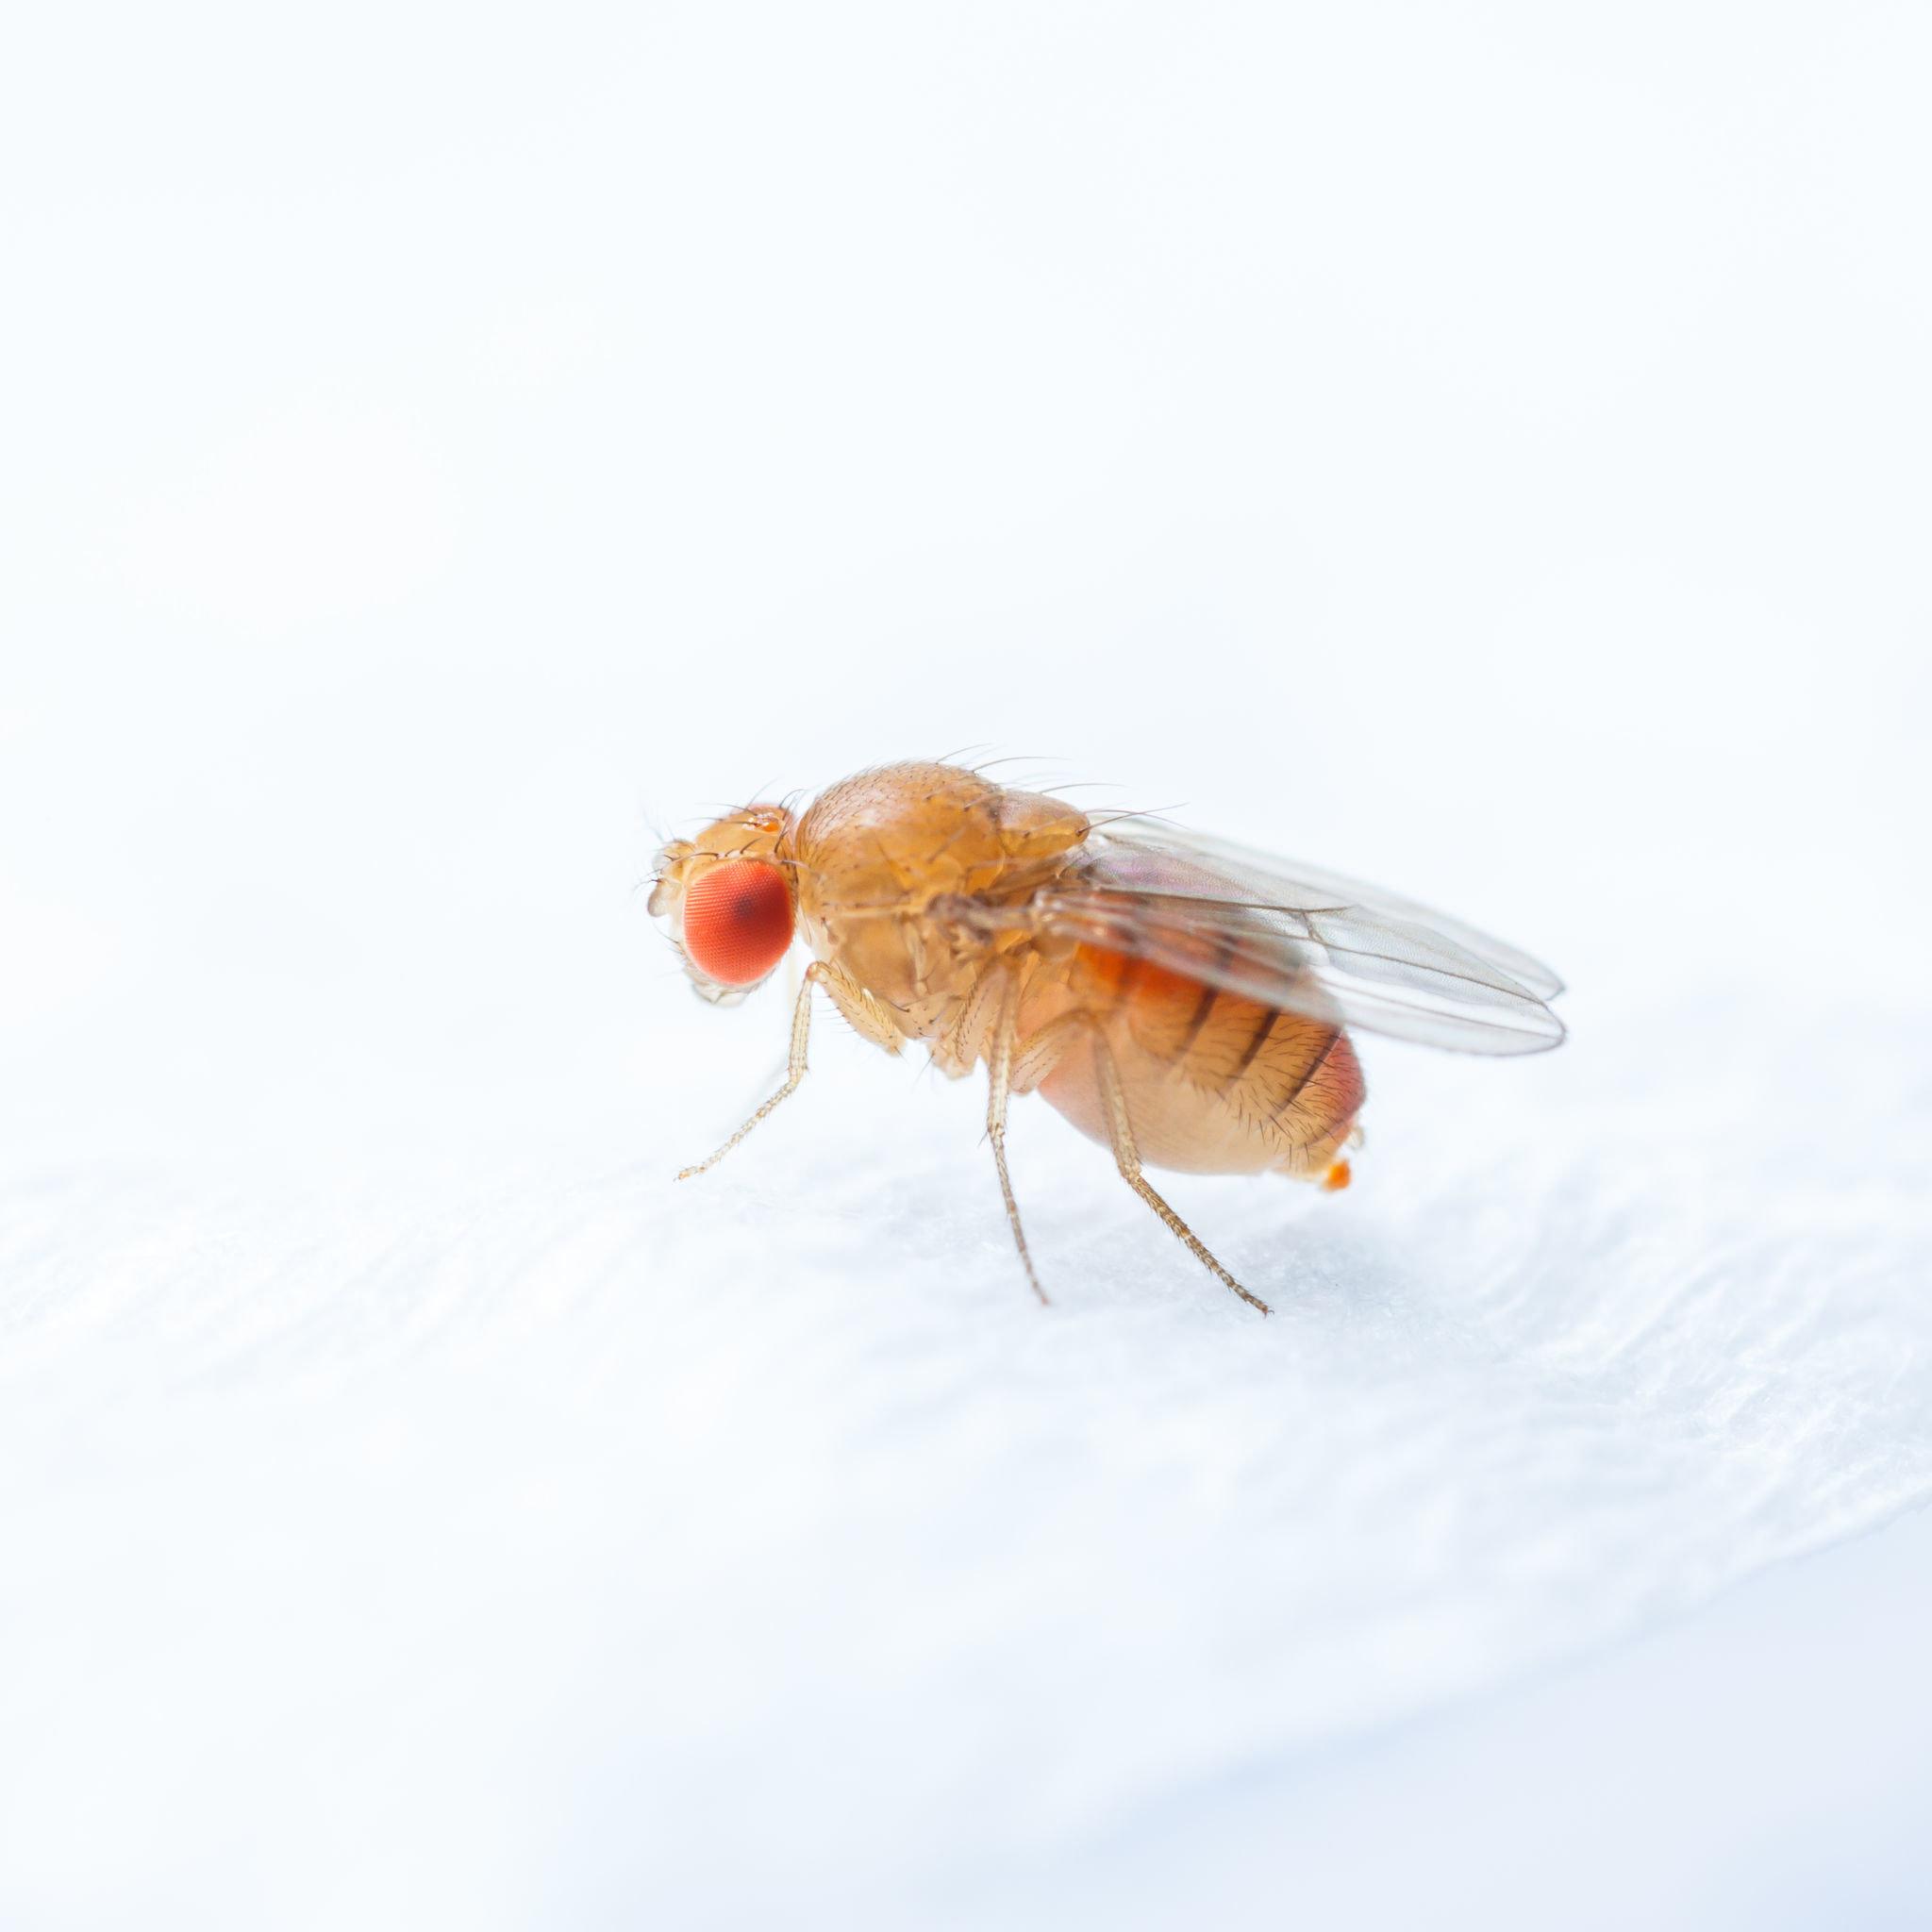 惱人的果蠅,經常會出現在水果週遭,但是它們其實也喜歡各種醣類與腐爛的食物